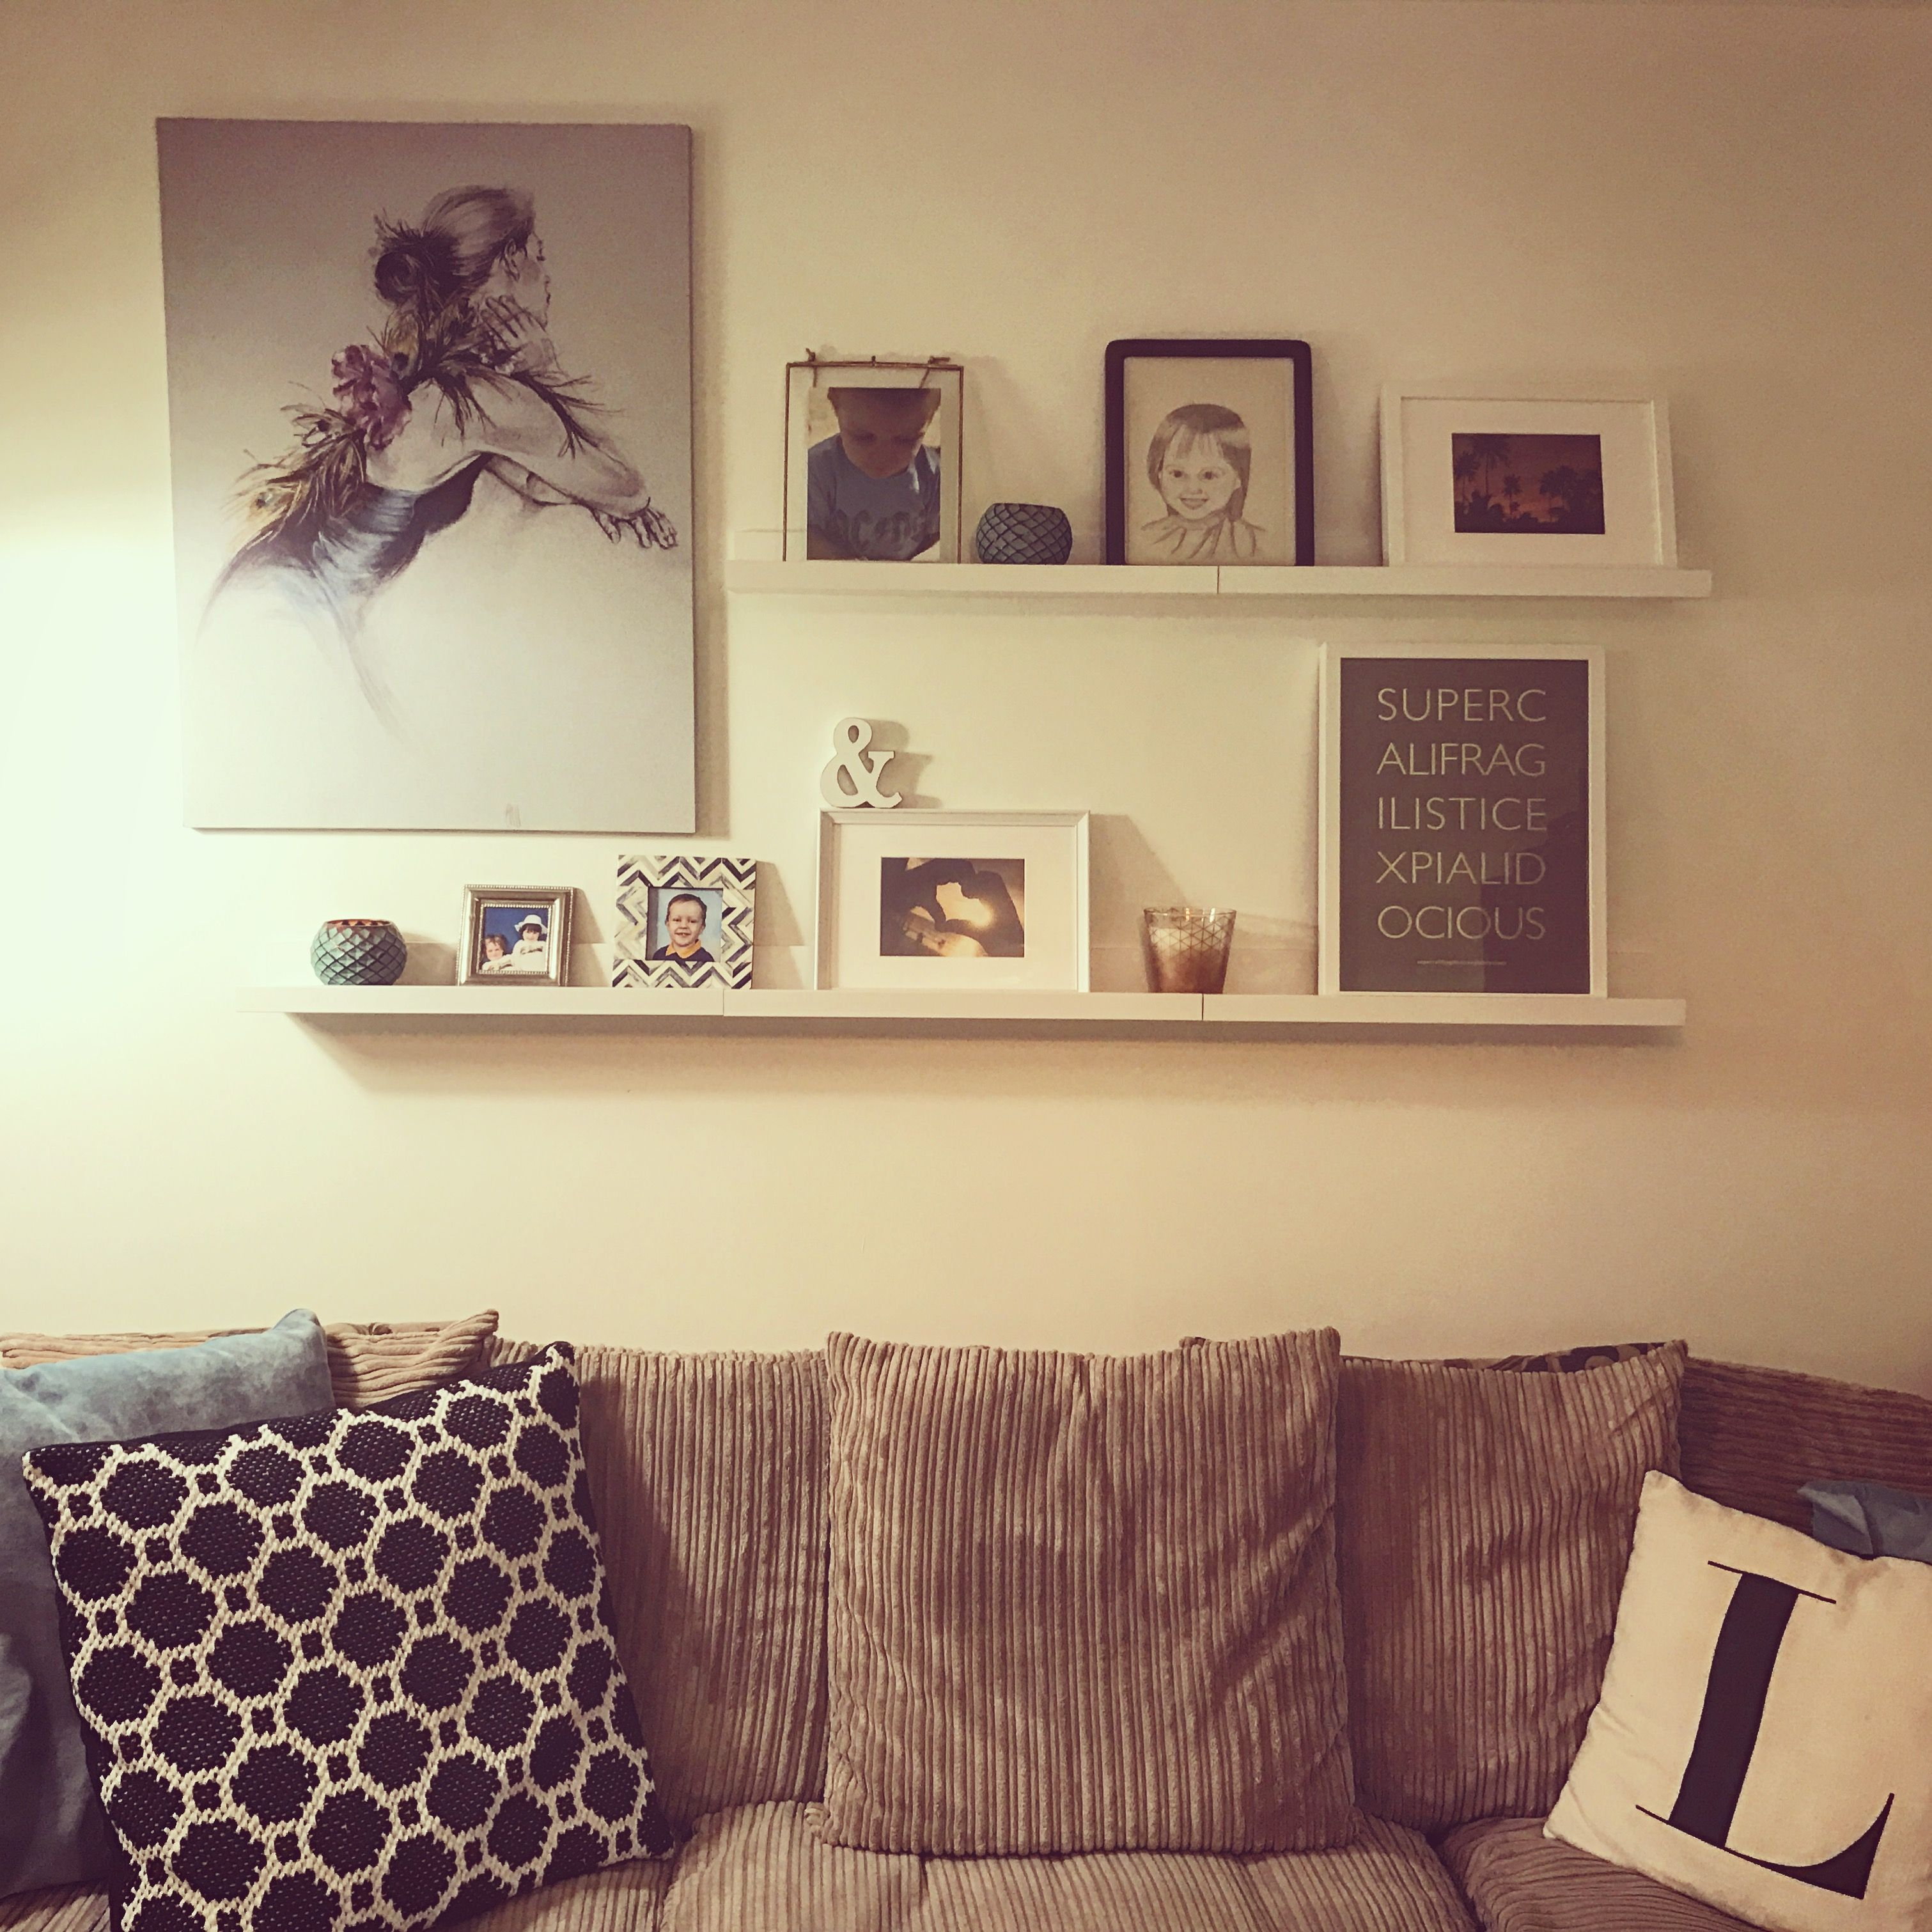 Picture ledge decor | Bedroom | Pinterest | Picture ledge, Photo ...